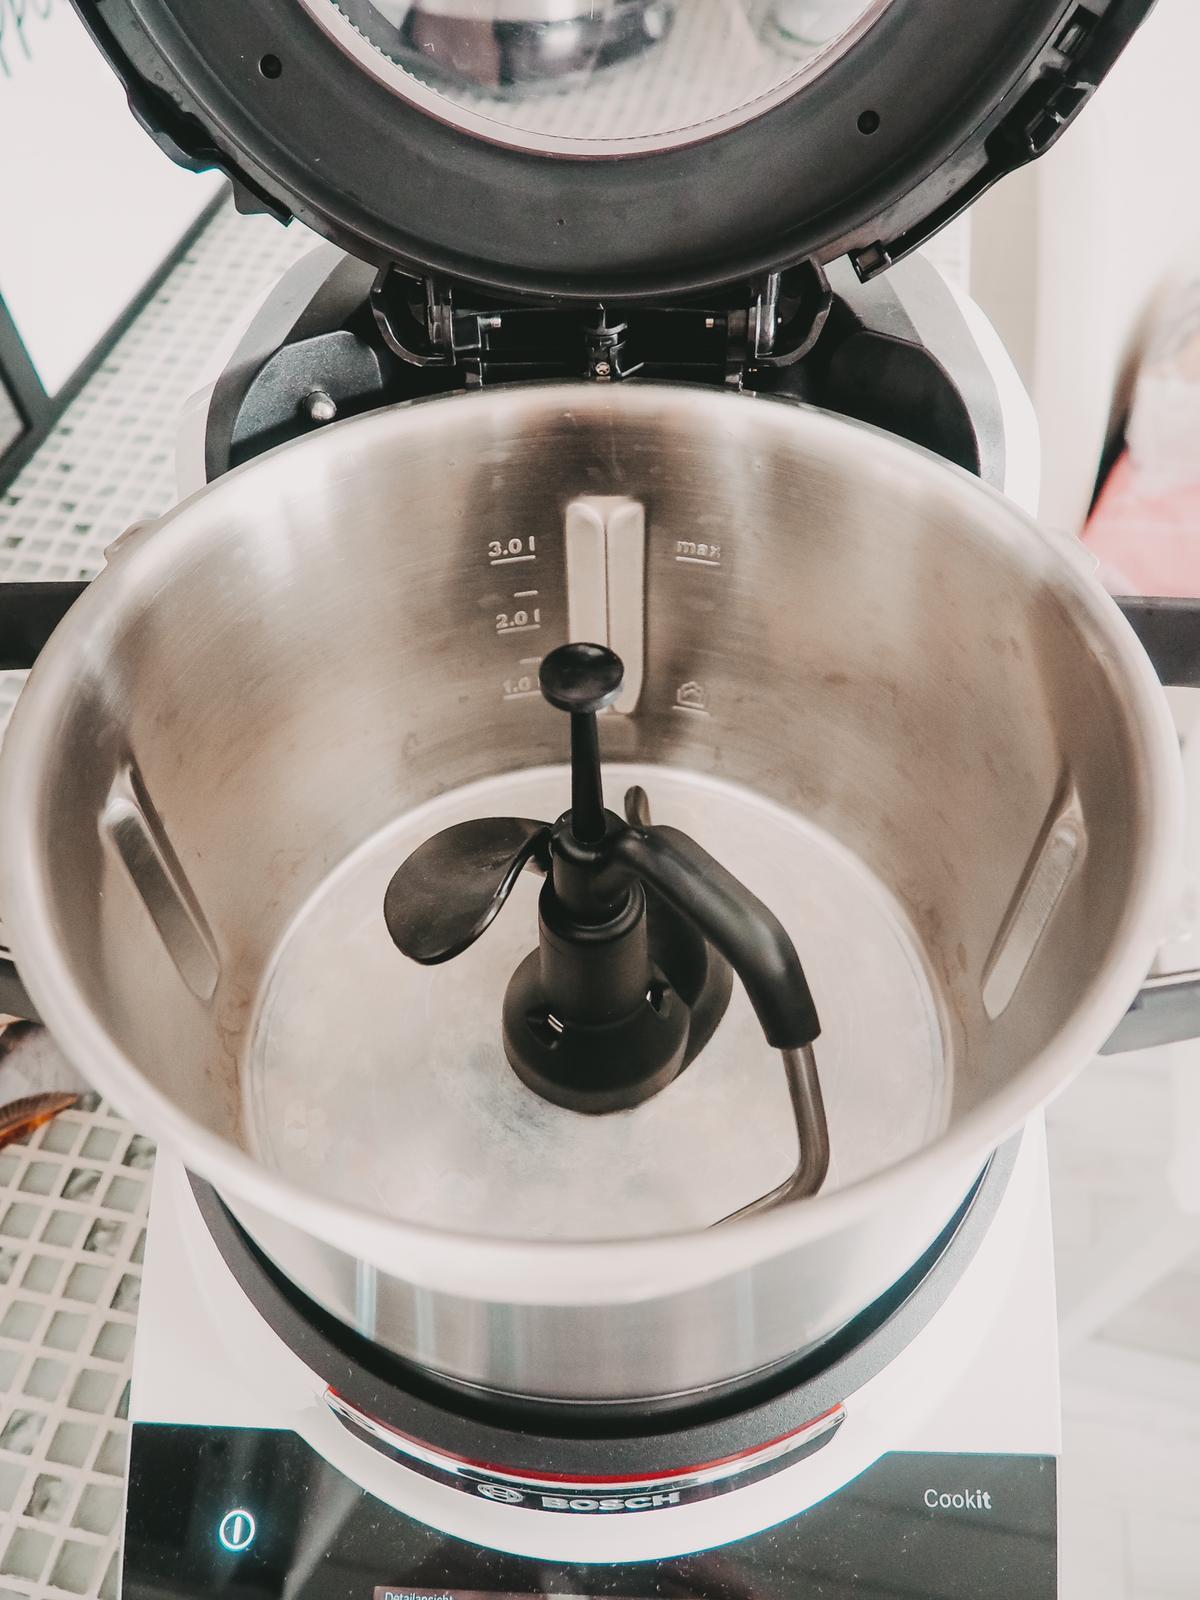 Bosch Cookit - 3 Liter Fassungsvermögen